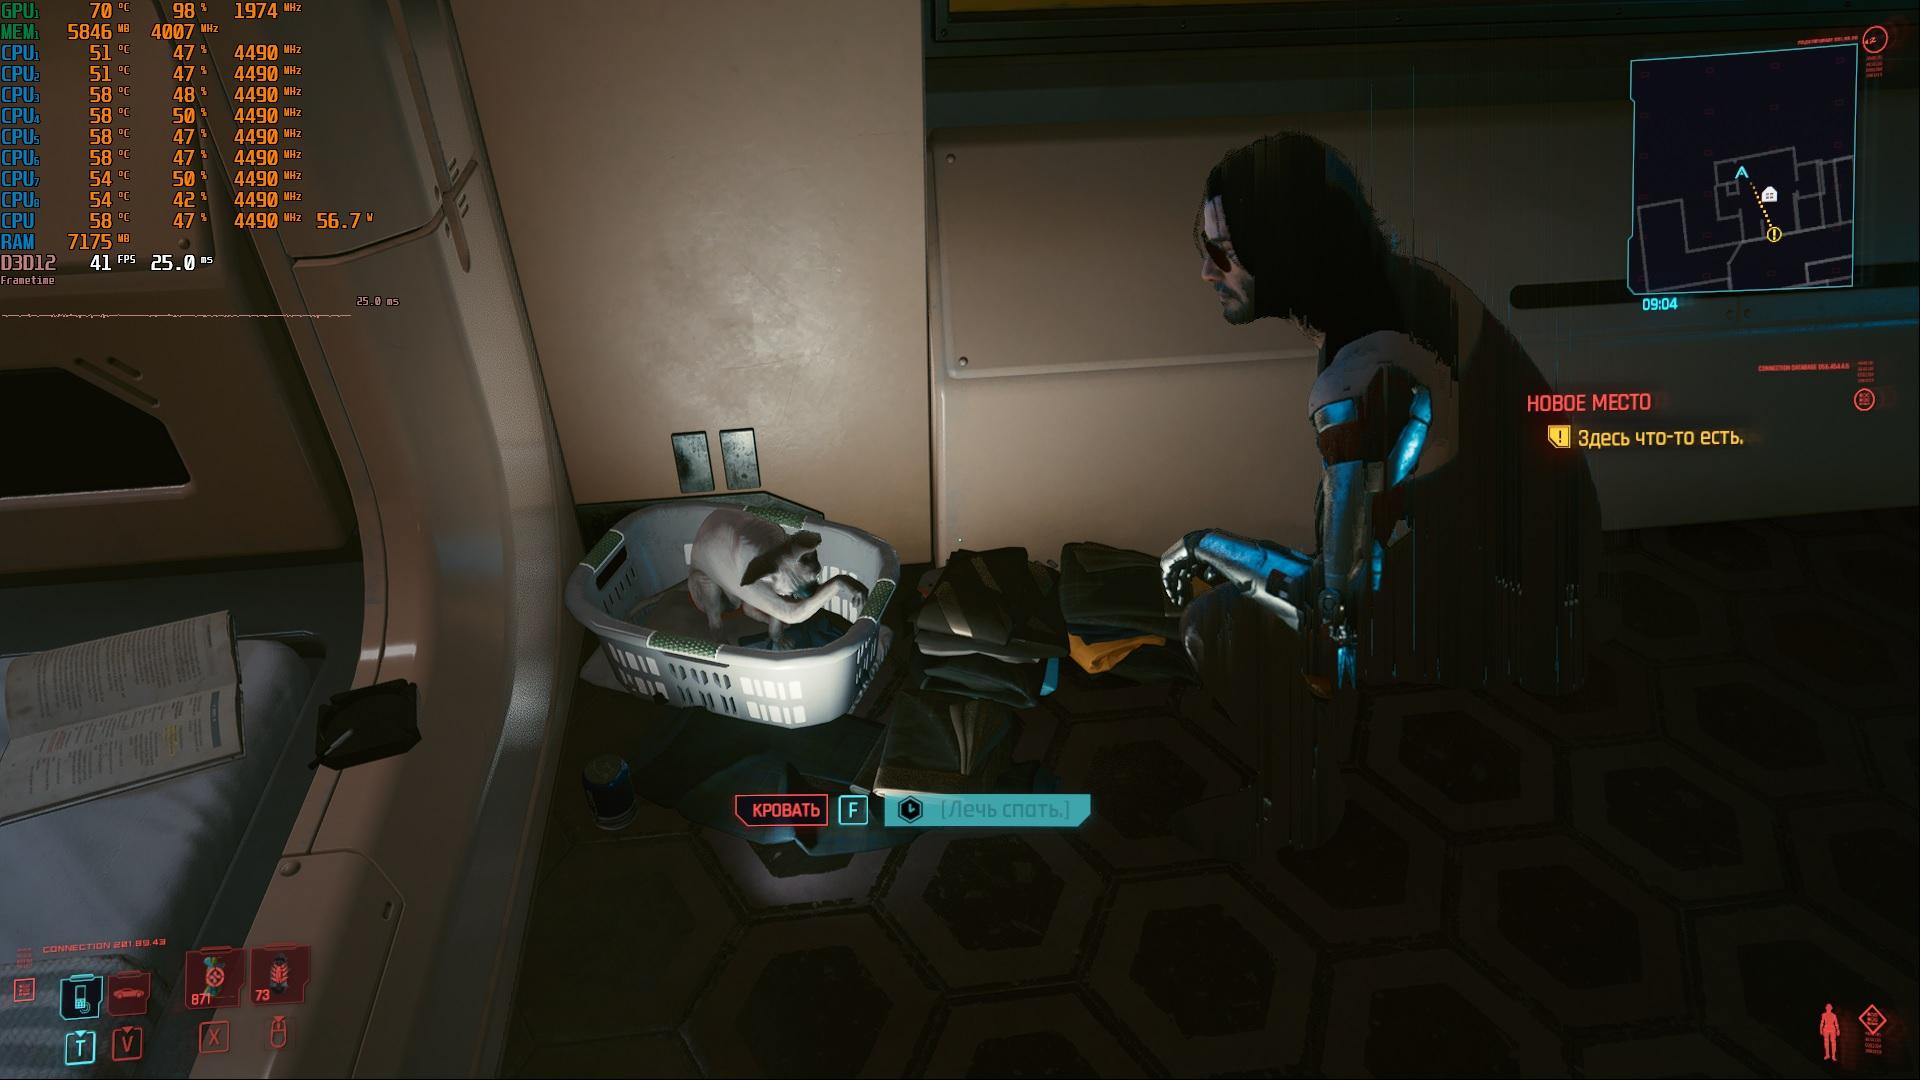 кошак.jpg - Cyberpunk 2077